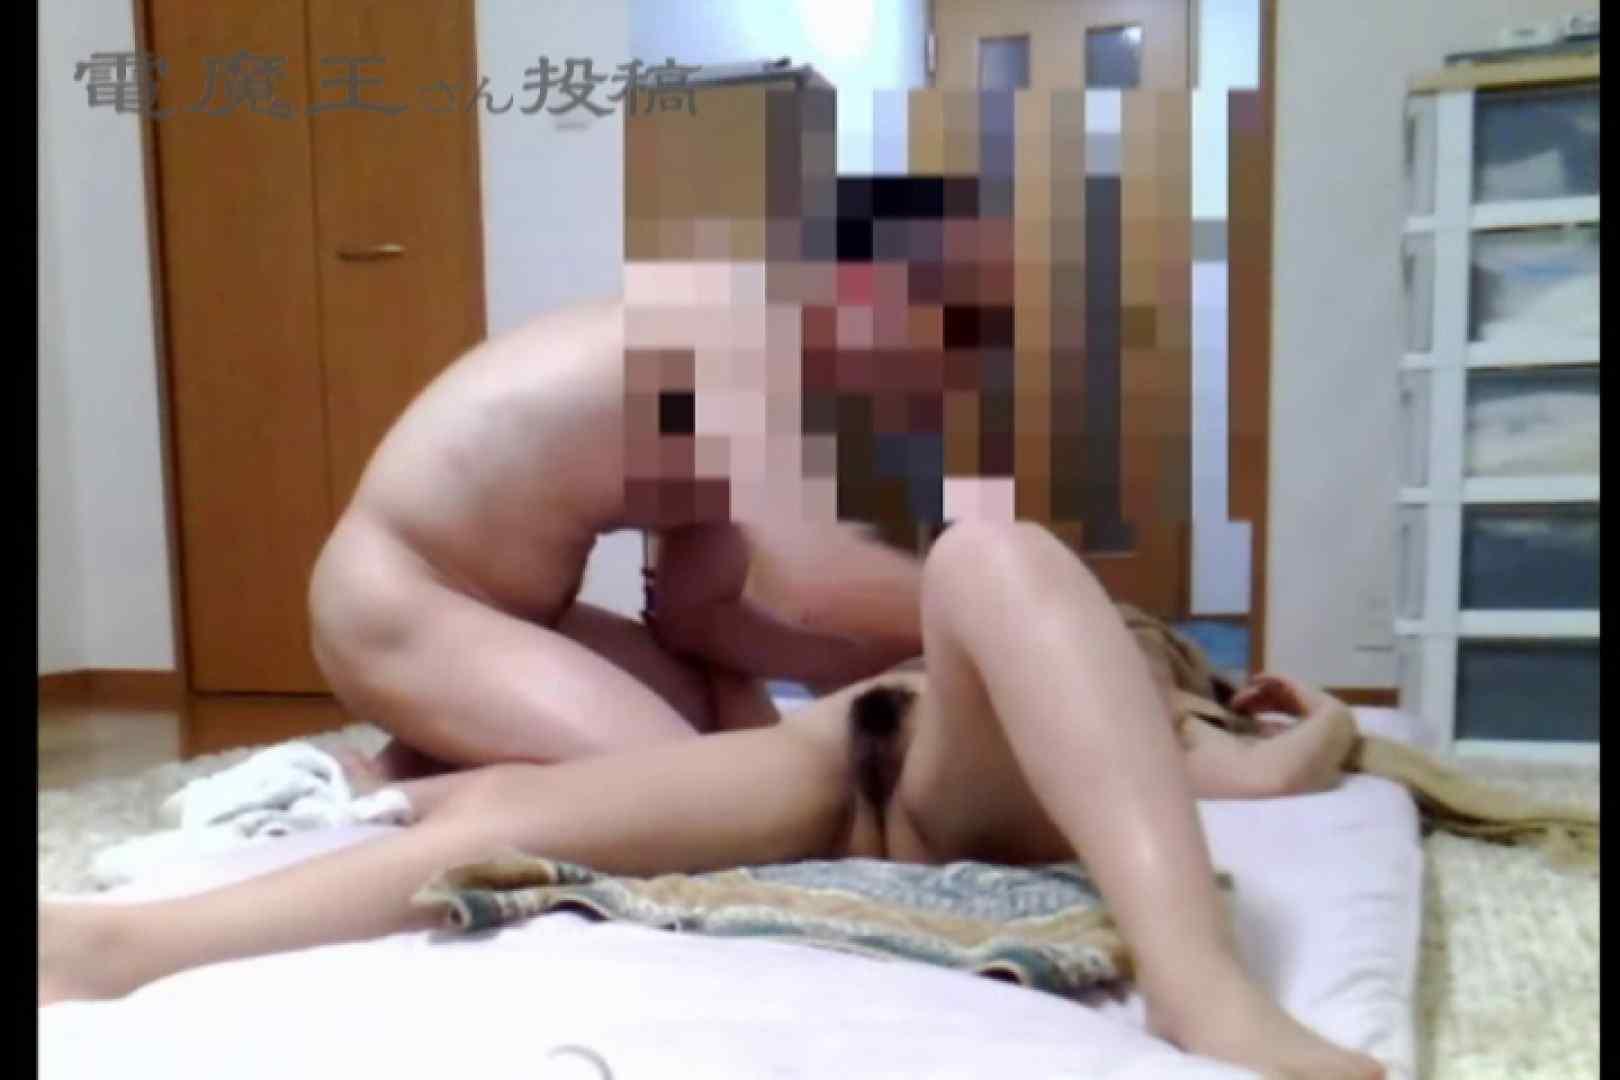 電魔王さんの「隠撮の部屋」リンカ 0  85pic 43